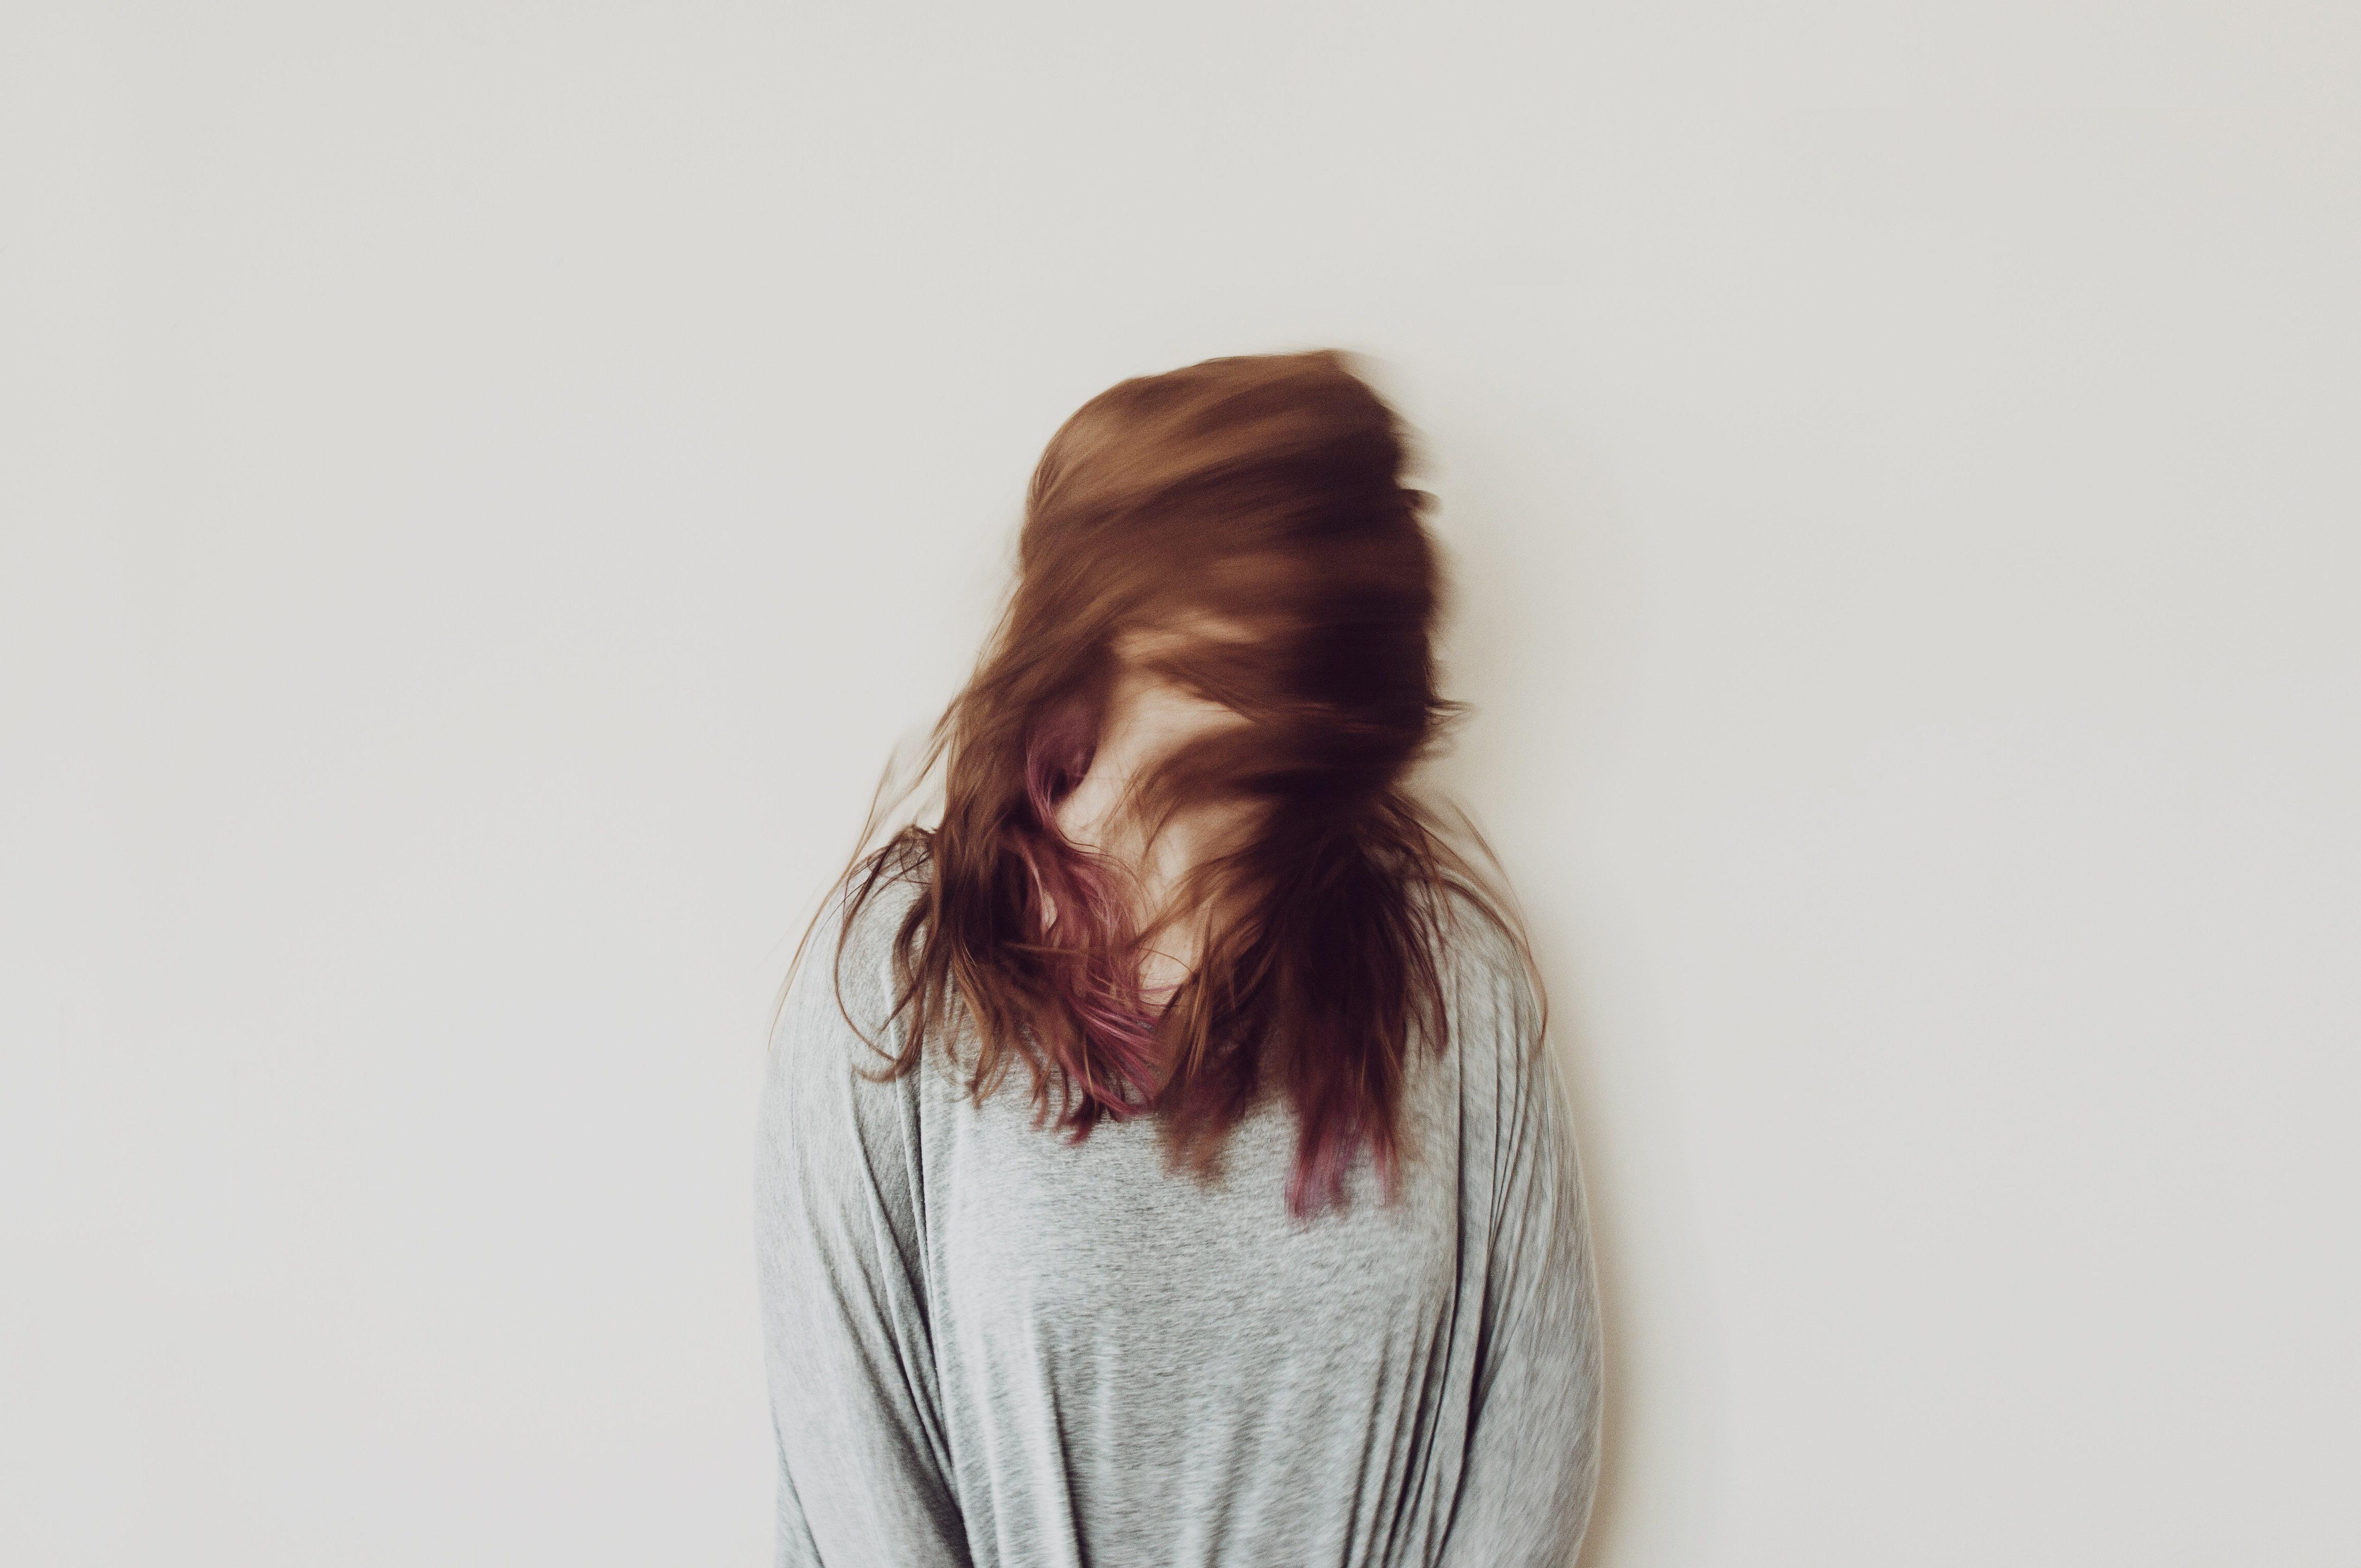 Ejemplos comunes ansiedad